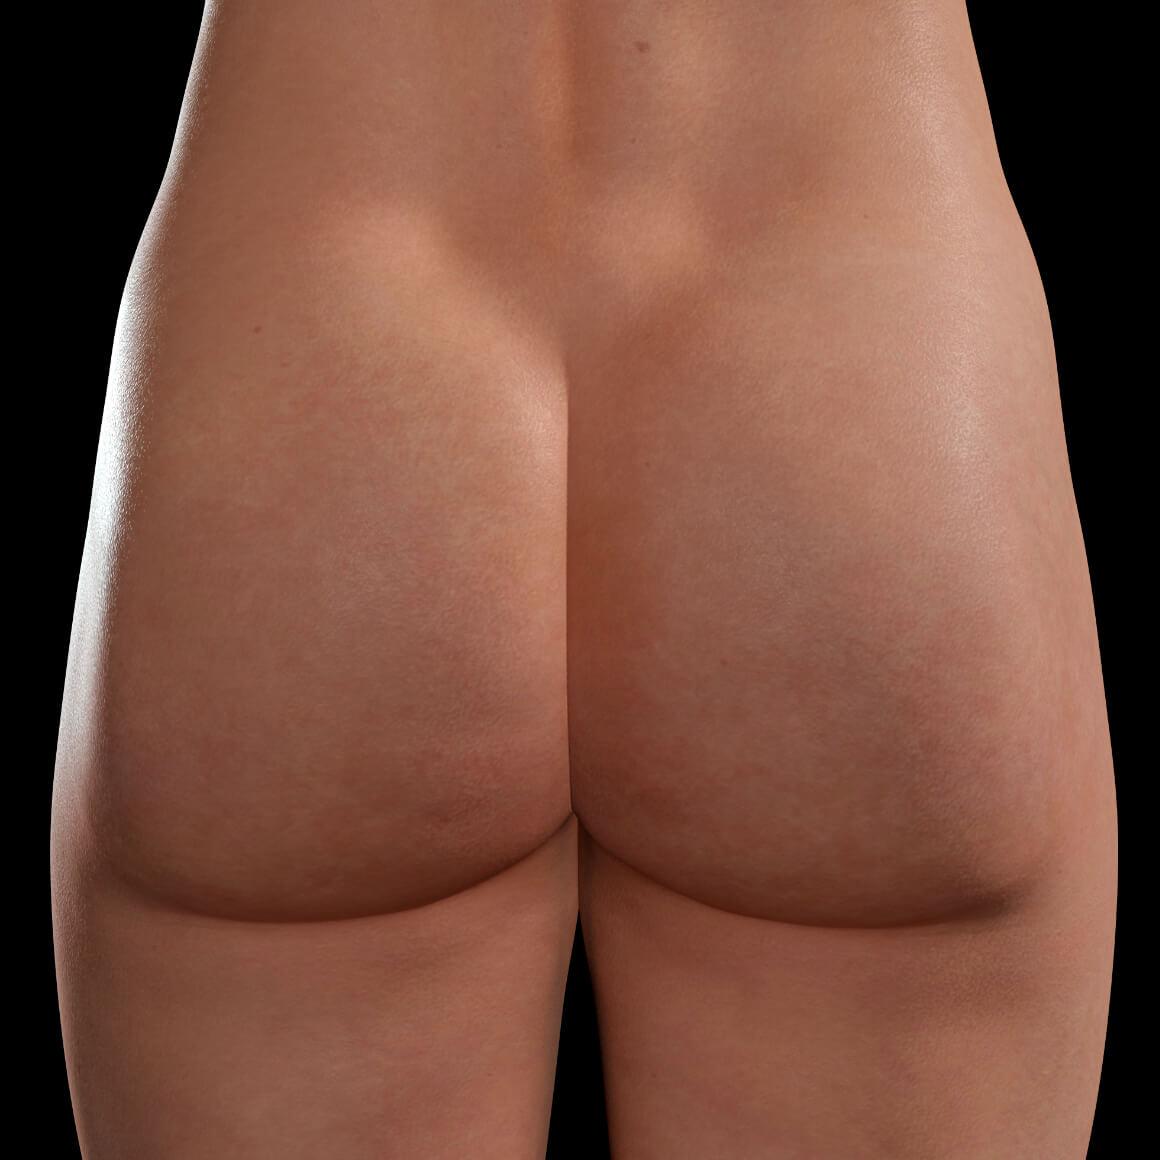 Fesses d'une patiente de la Clinique Chloé après des traitements Venus Legacy contre la cellulite